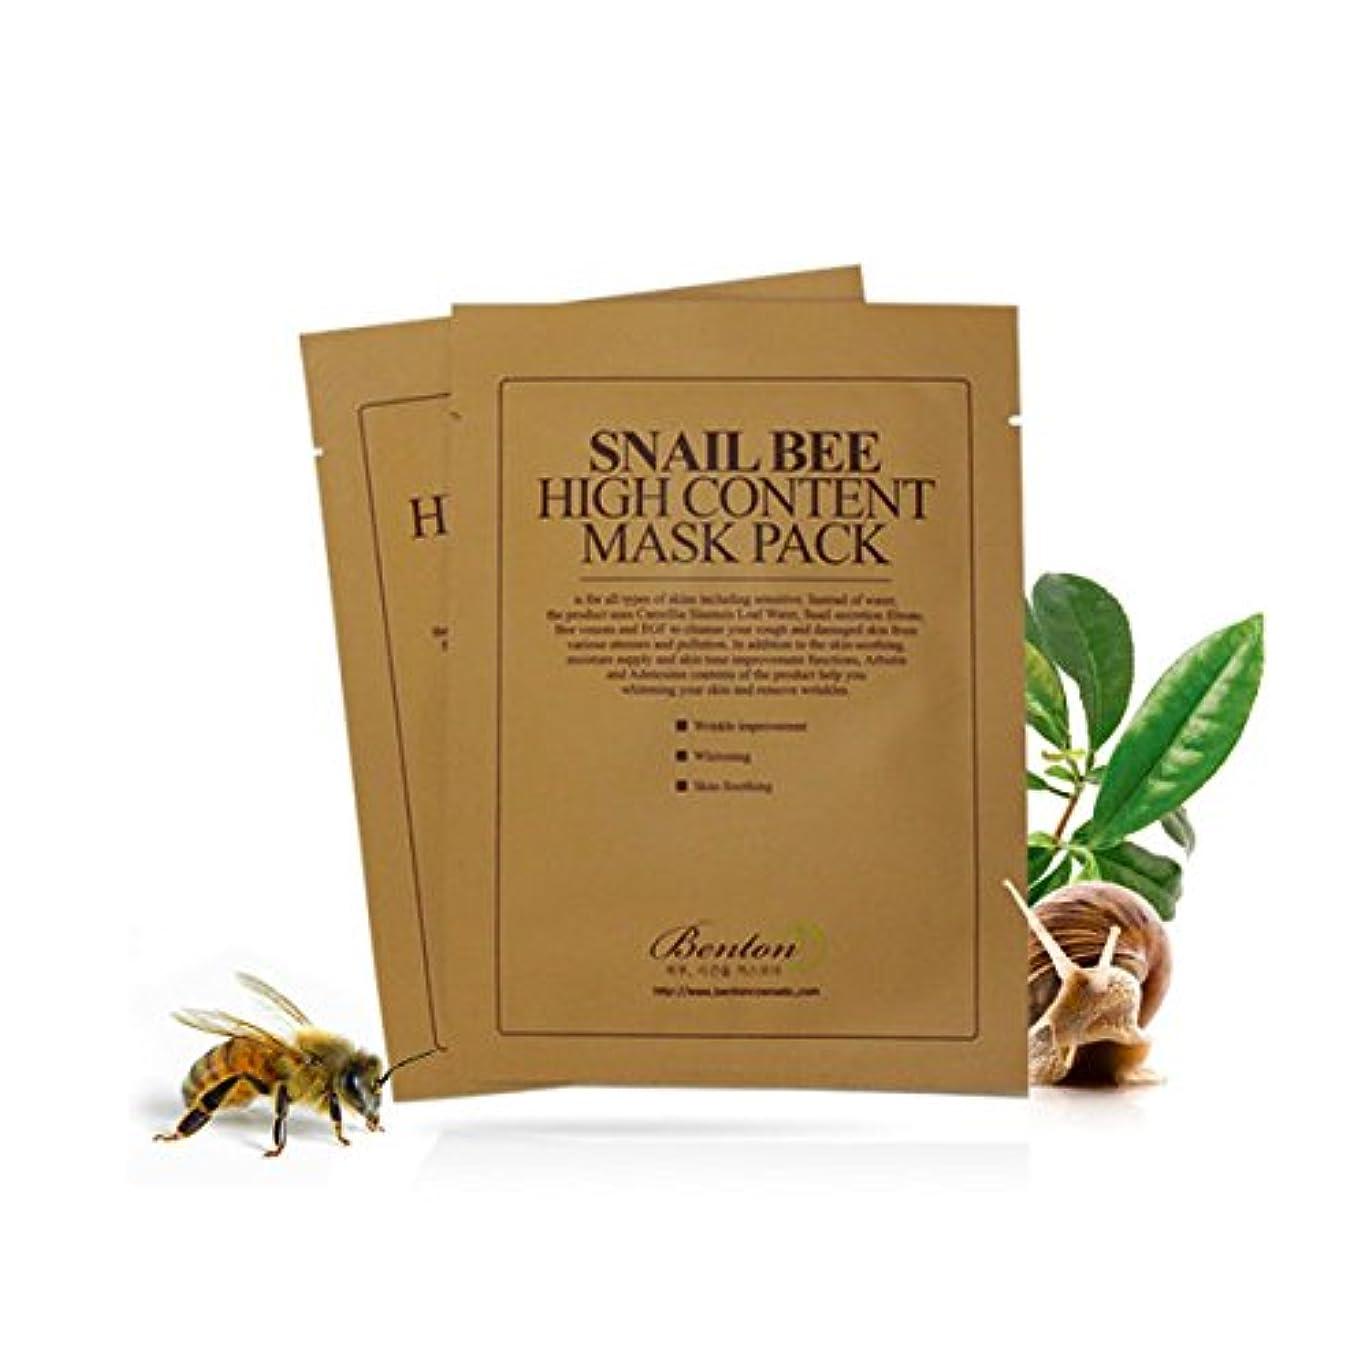 聖職者ビヨンレタッチ[ベントン] BENTON カタツムリ蜂の高いコンテンツ?マスクパック Snail Bee High Content Mask Pack Sheet 10 Pcs [並行輸入品]